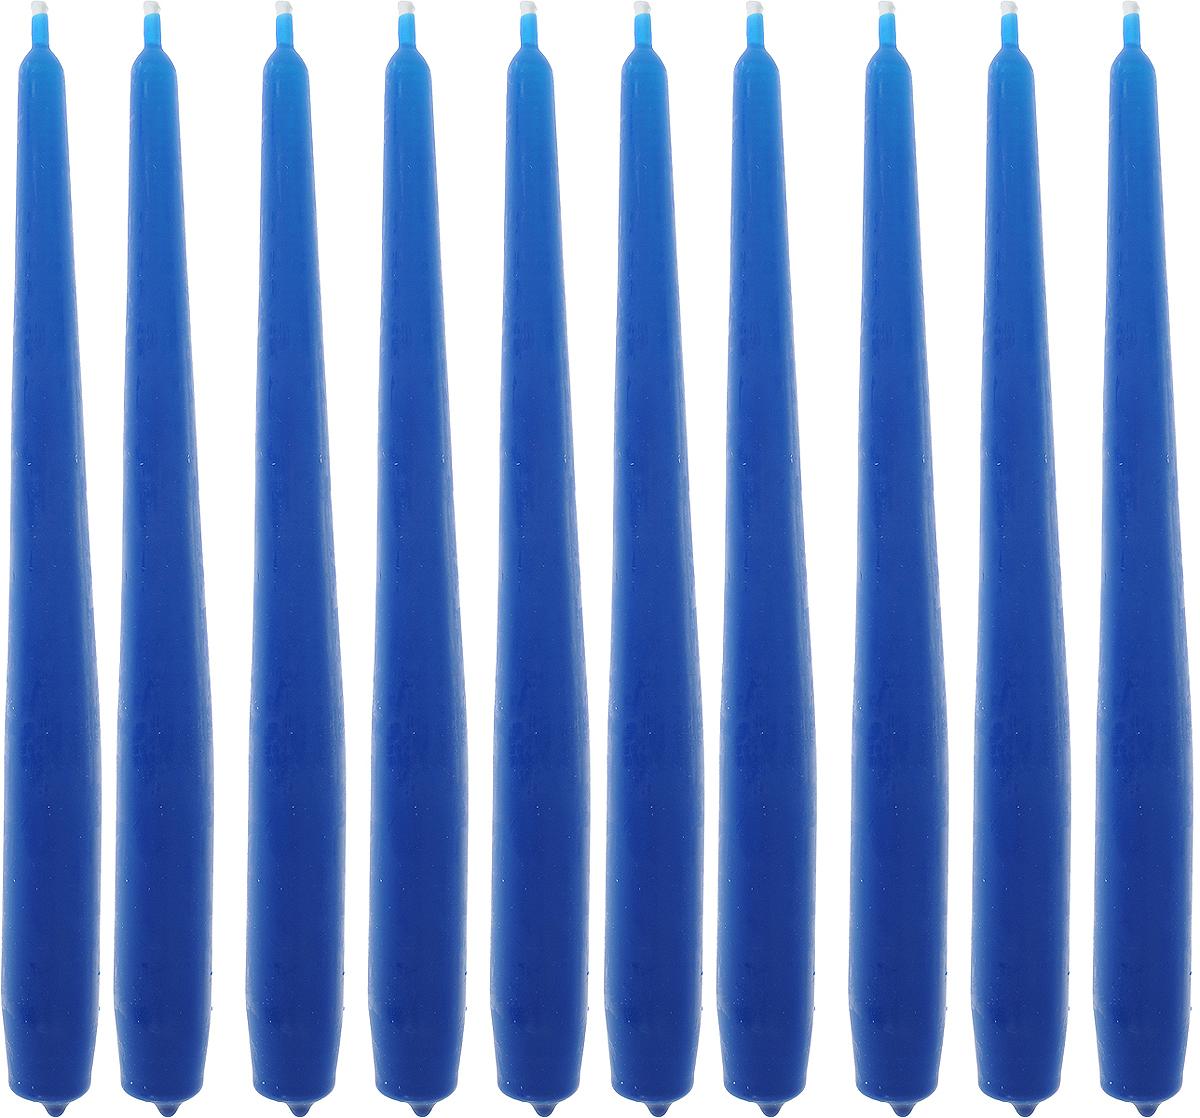 """Набор """"Омский cвечной завод"""" состоит из 10 свечей, изготовленных из парафина и хлопчатобумажной нити. Такие свечи создадут атмосферу таинственности и загадочности и наполнят ваш дом волшебством и ощущением праздника. Хороший сувенир для друзей и близких.  Примерное время горения: 7 часов. Высота: 24 см. Диаметр: 2 см."""